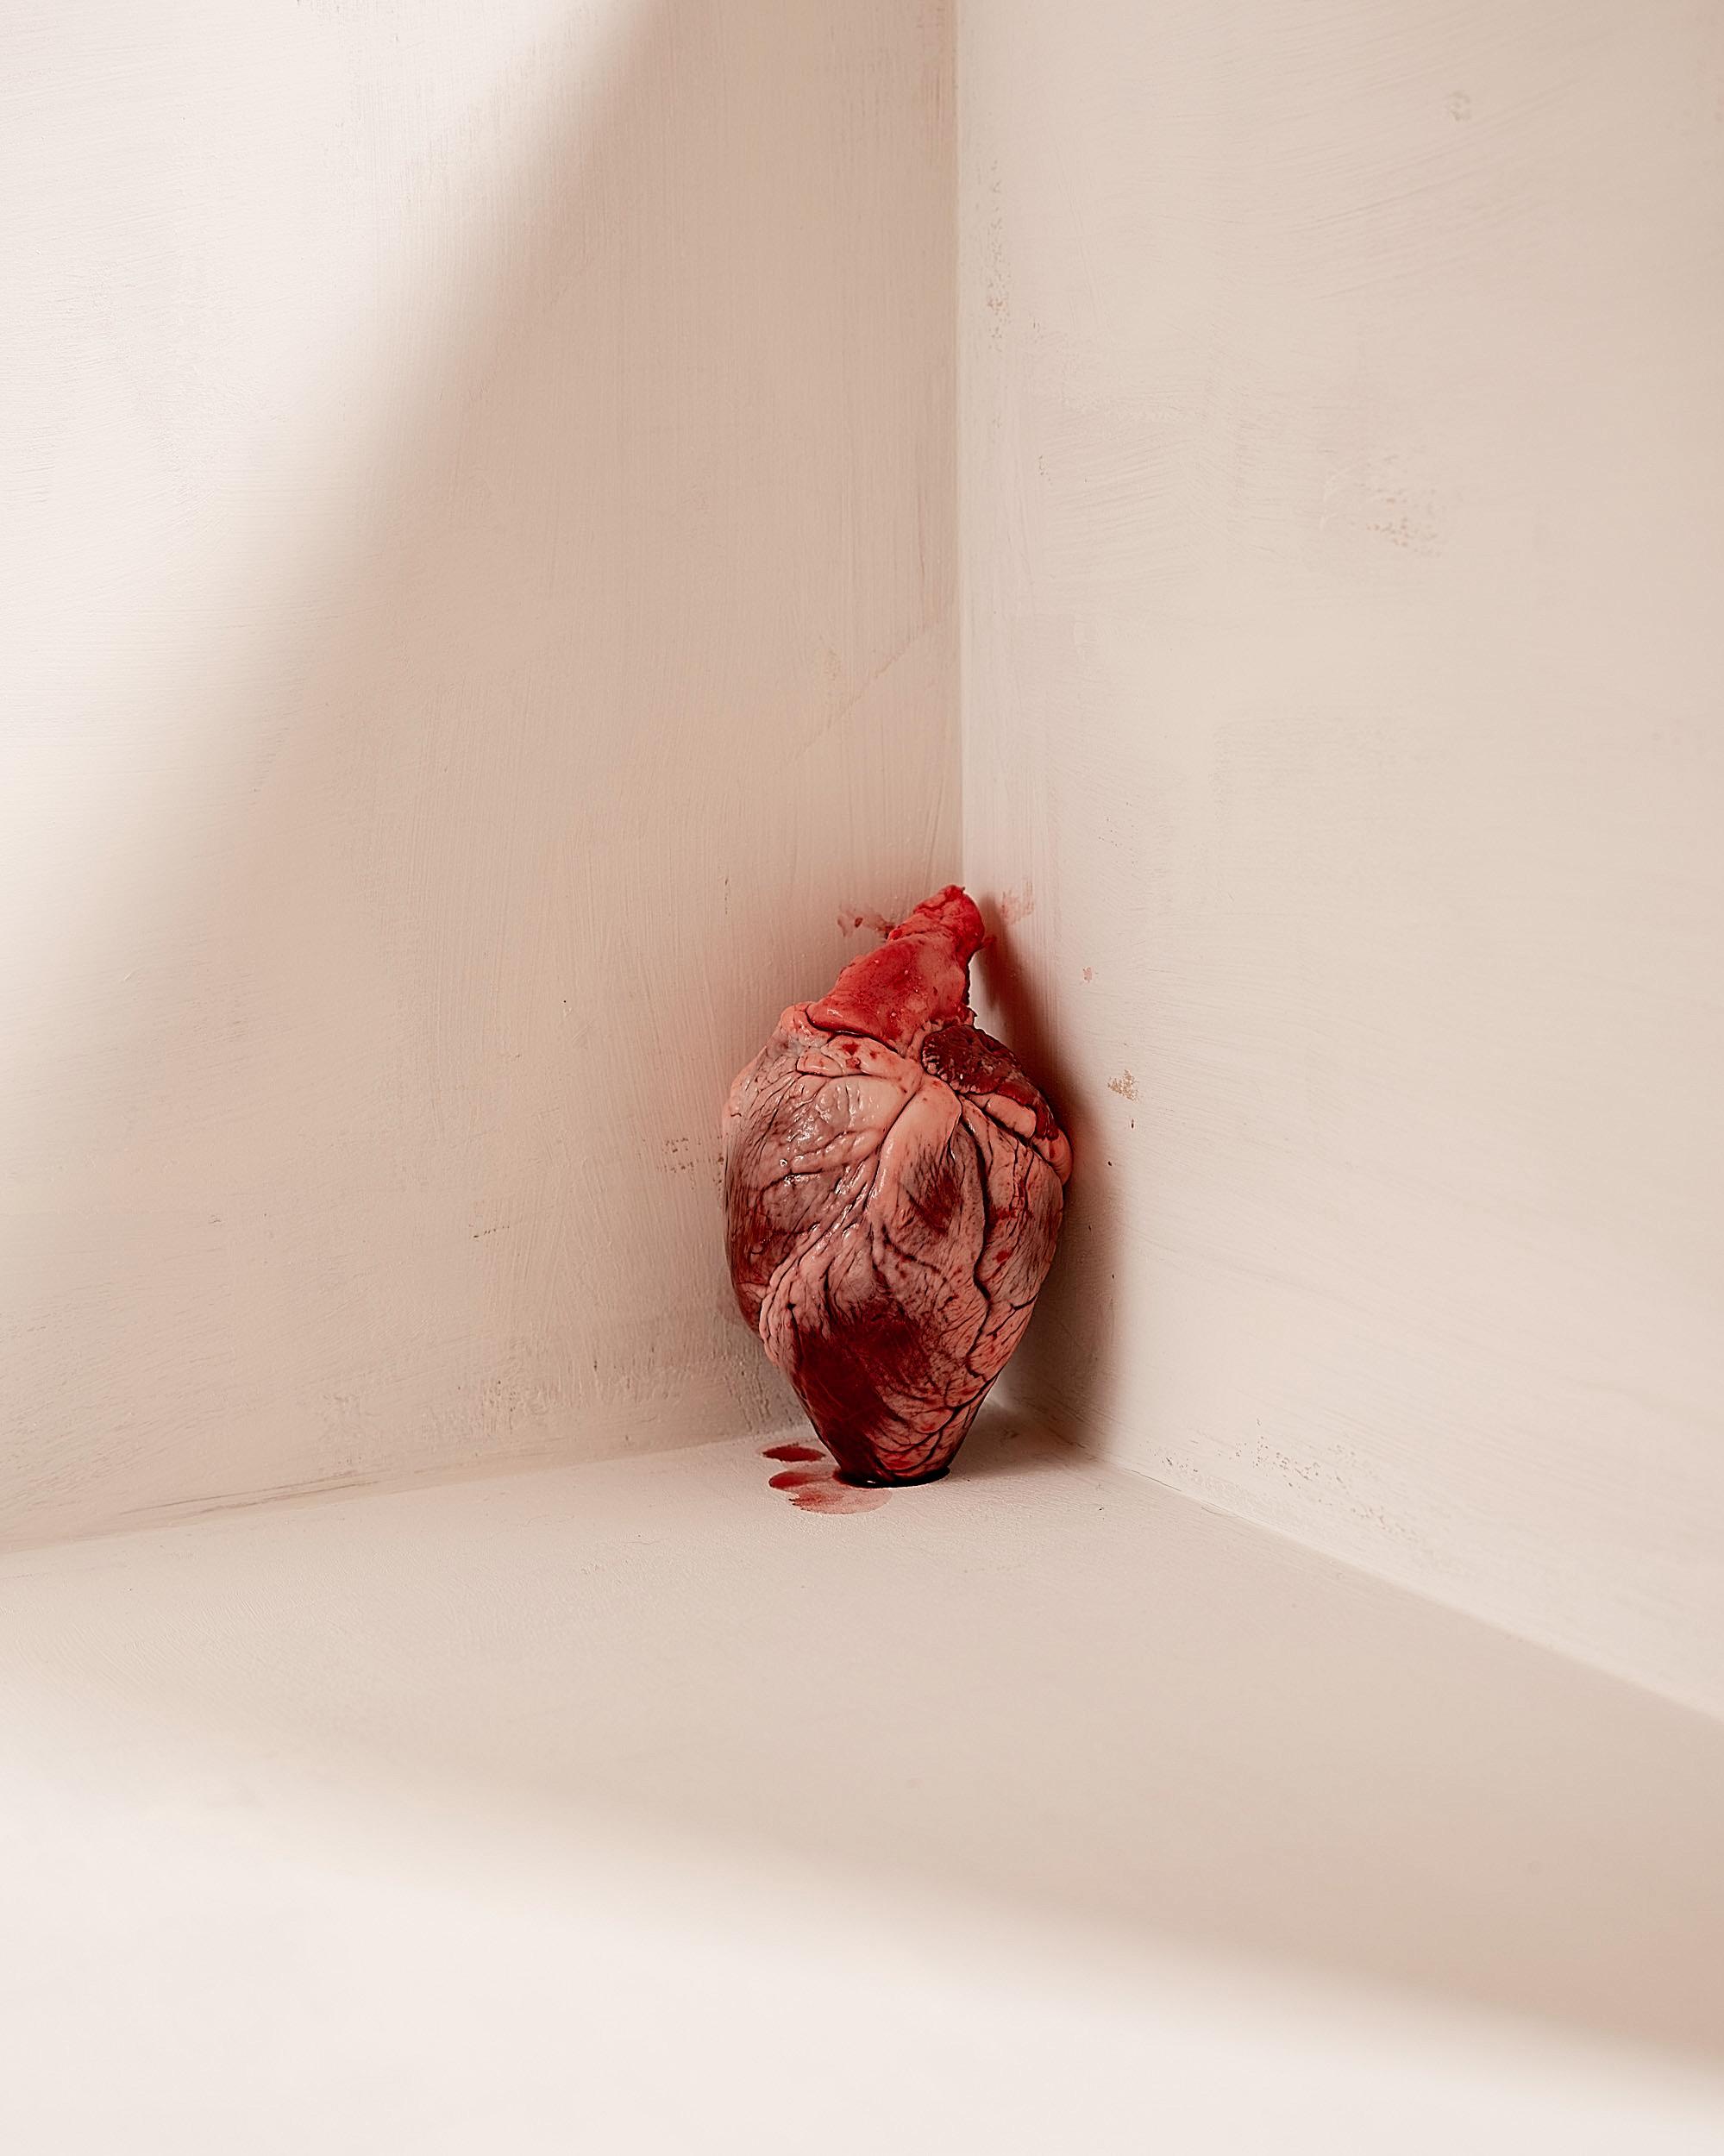 Heart_2018.jpg